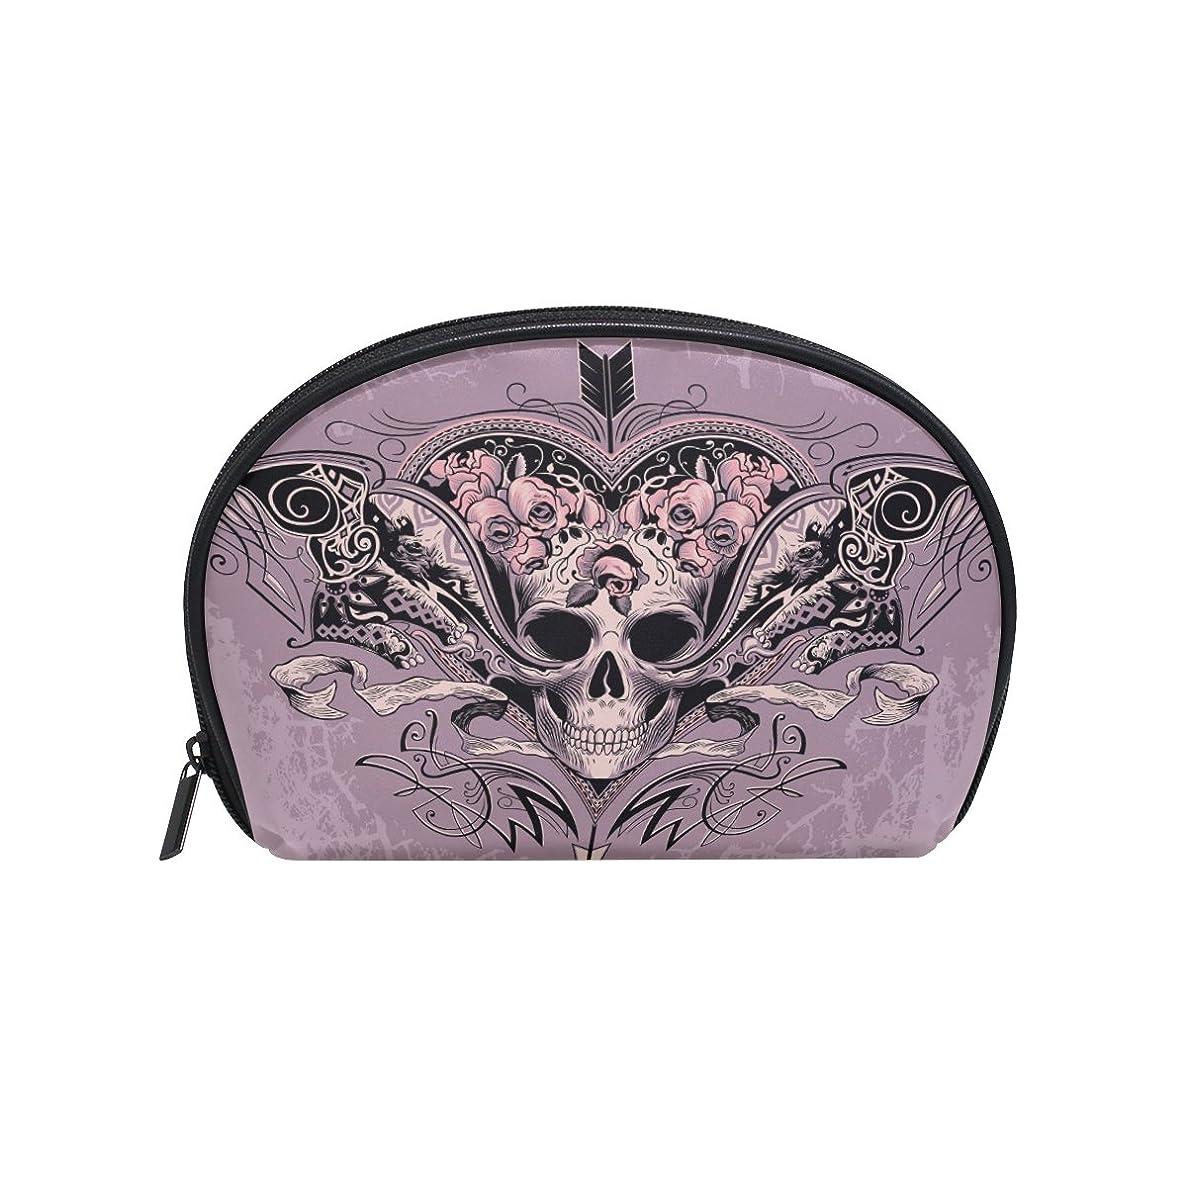 連鎖米ドル加害者ALAZA スカルローズ 半月 化粧品 メイク トイレタリーバッグ ポーチ 旅行ハンディ財布オーガナイザーバッグ